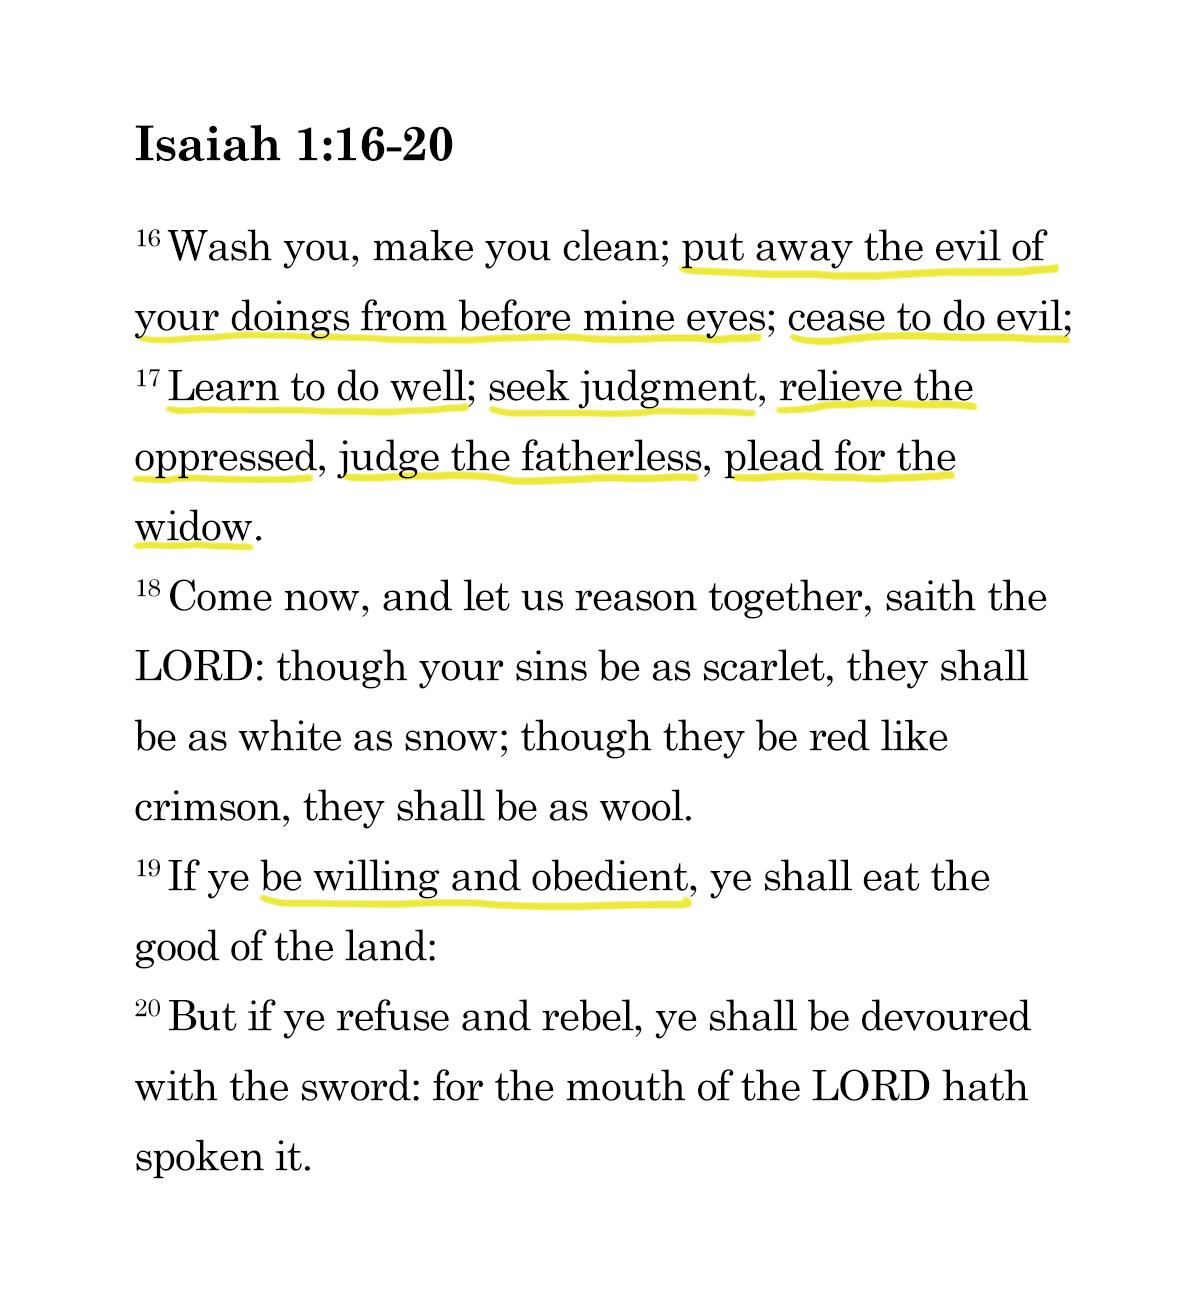 Isaiah passage